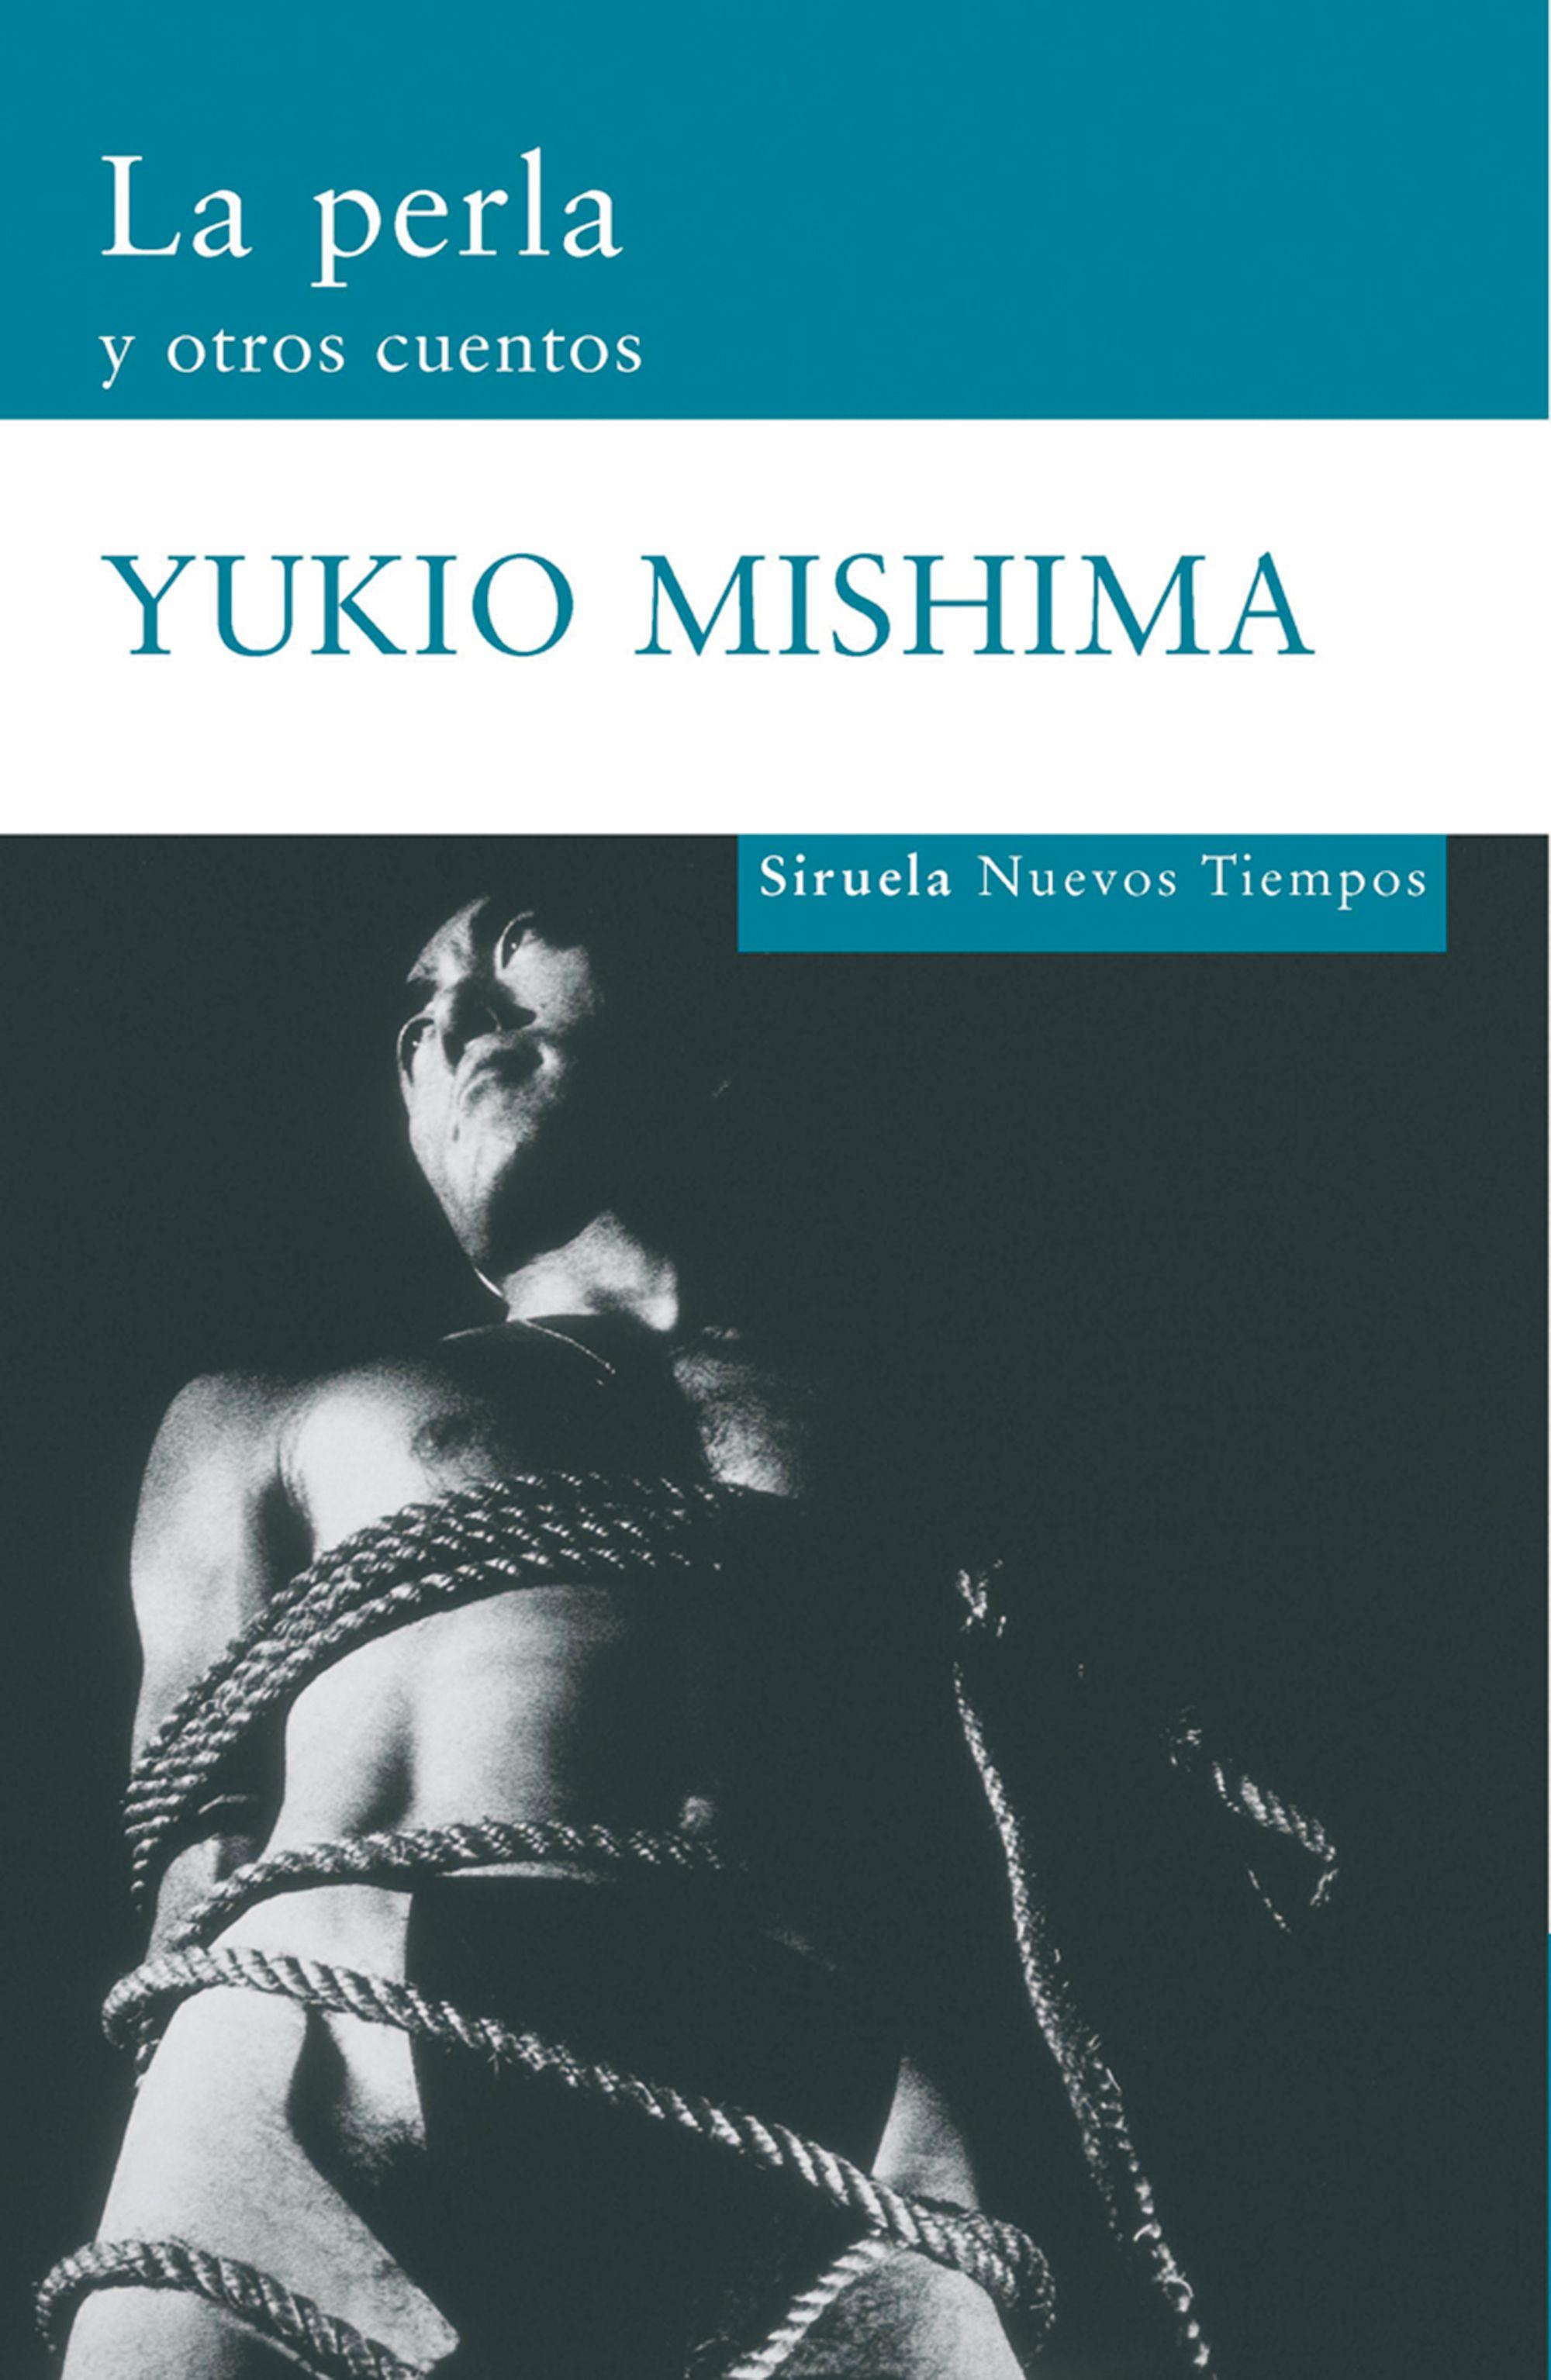 Vestidos de noche yukio mishima pdf